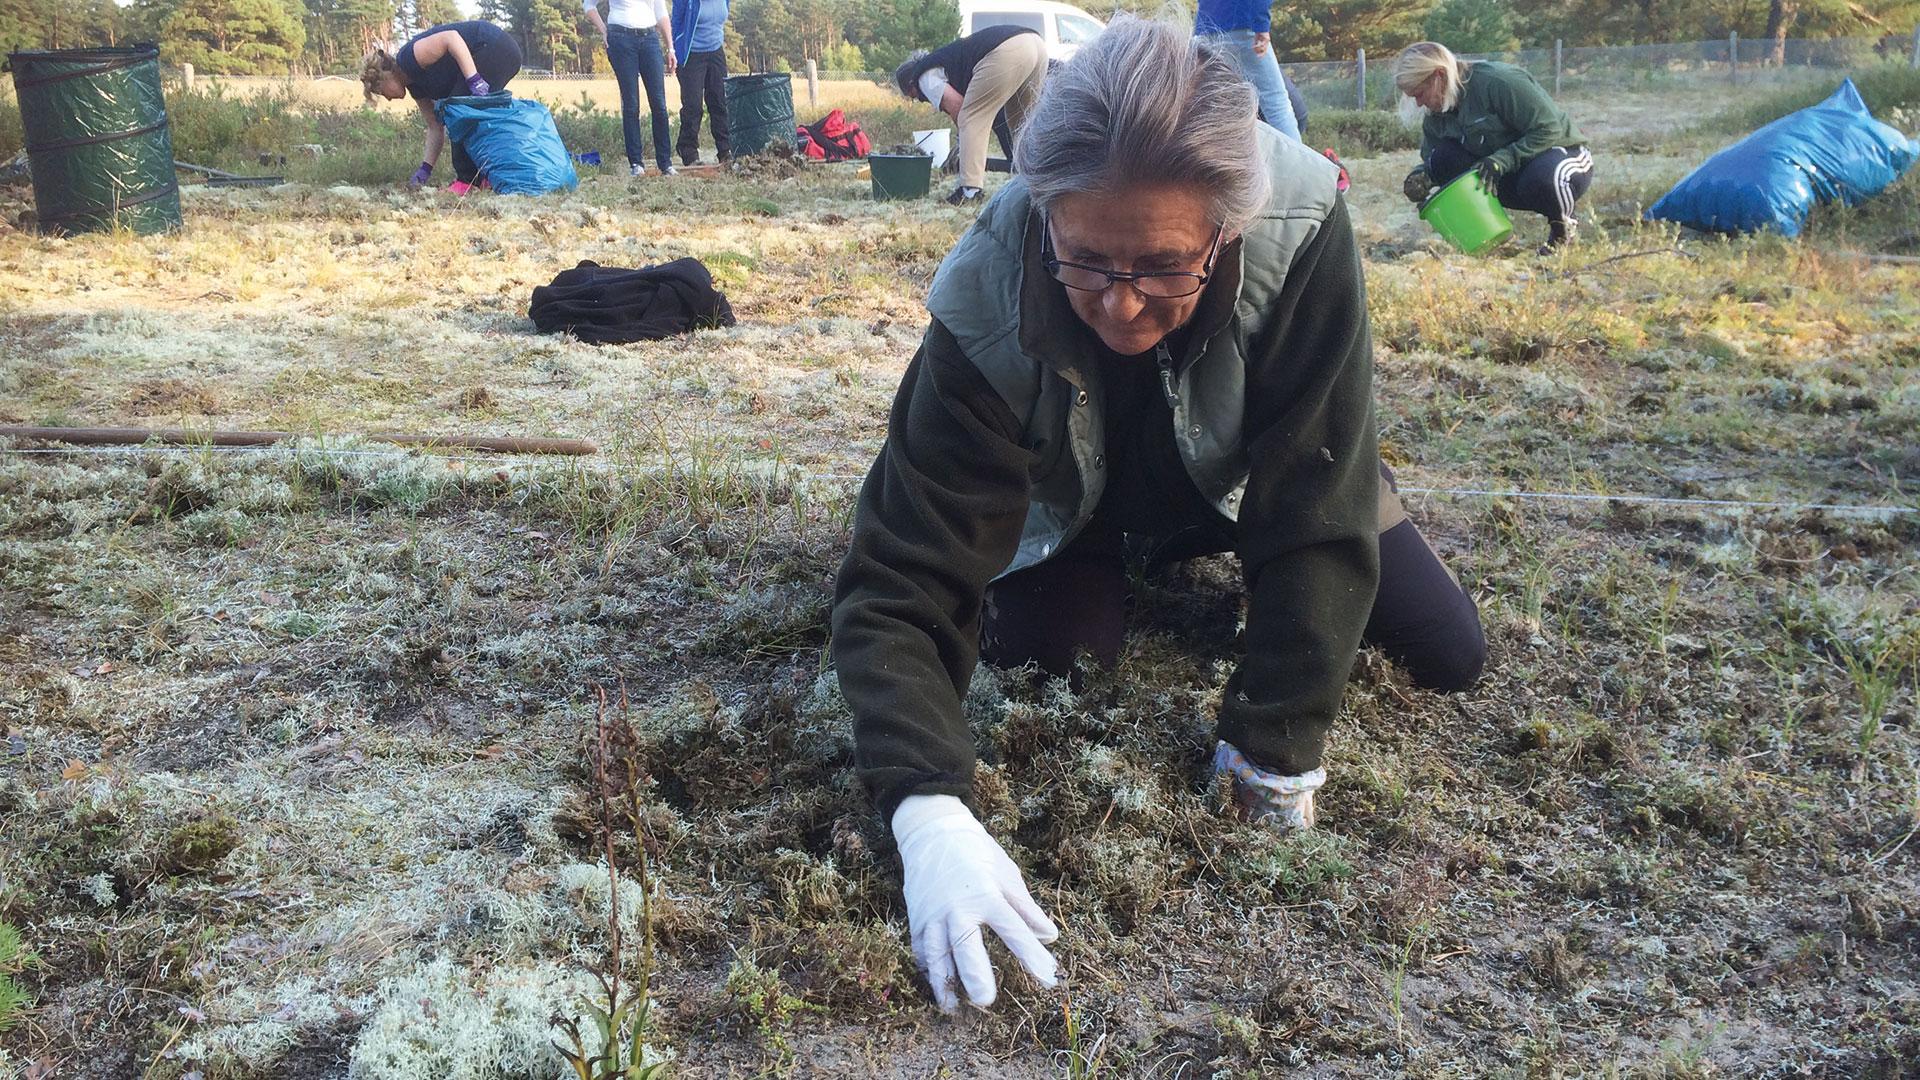 Biosfärambassadörer röjer lavar och tallplantor för att hjälpa sandmarkernas sällsynta arter på traven. Foto: Åsa Pearce